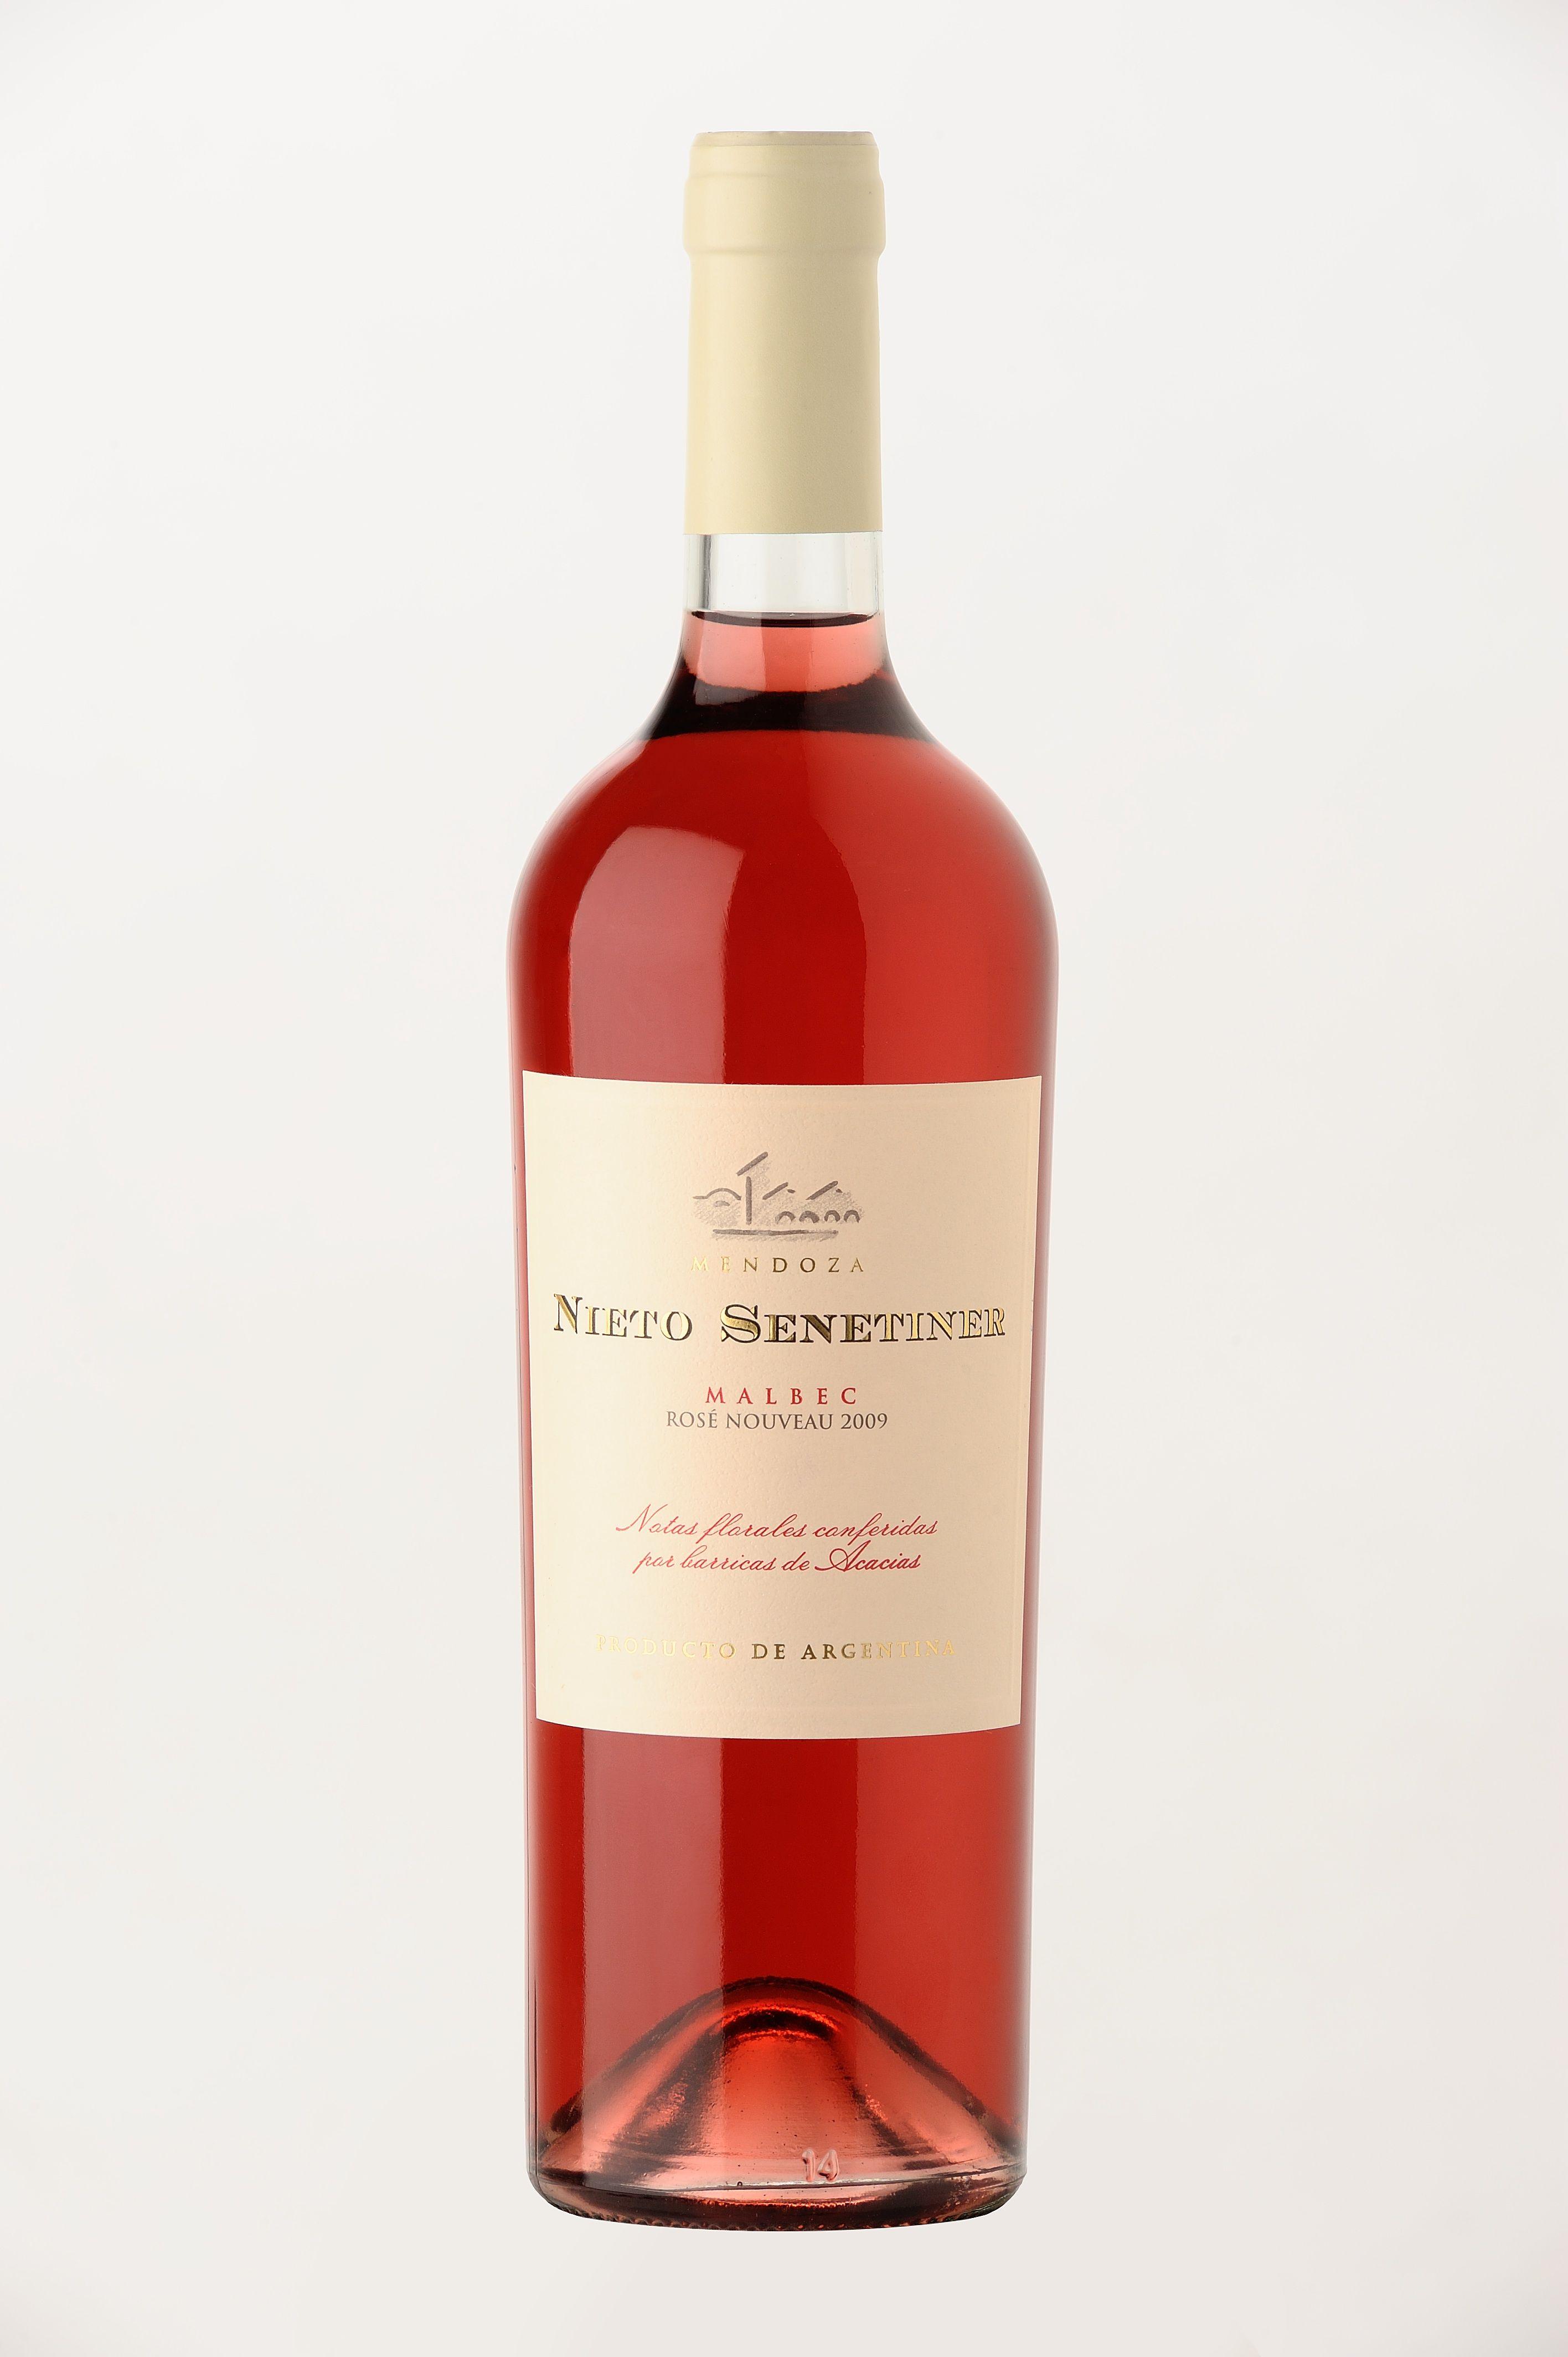 Regiao Mendoza Tipo Rose Uva Malbec Teor Alcoolico 13 Degustacao Vinho De Cor Rosada De Media Intensidade Com Aroma De Fr Uva Malbec Malbec Carne Branca